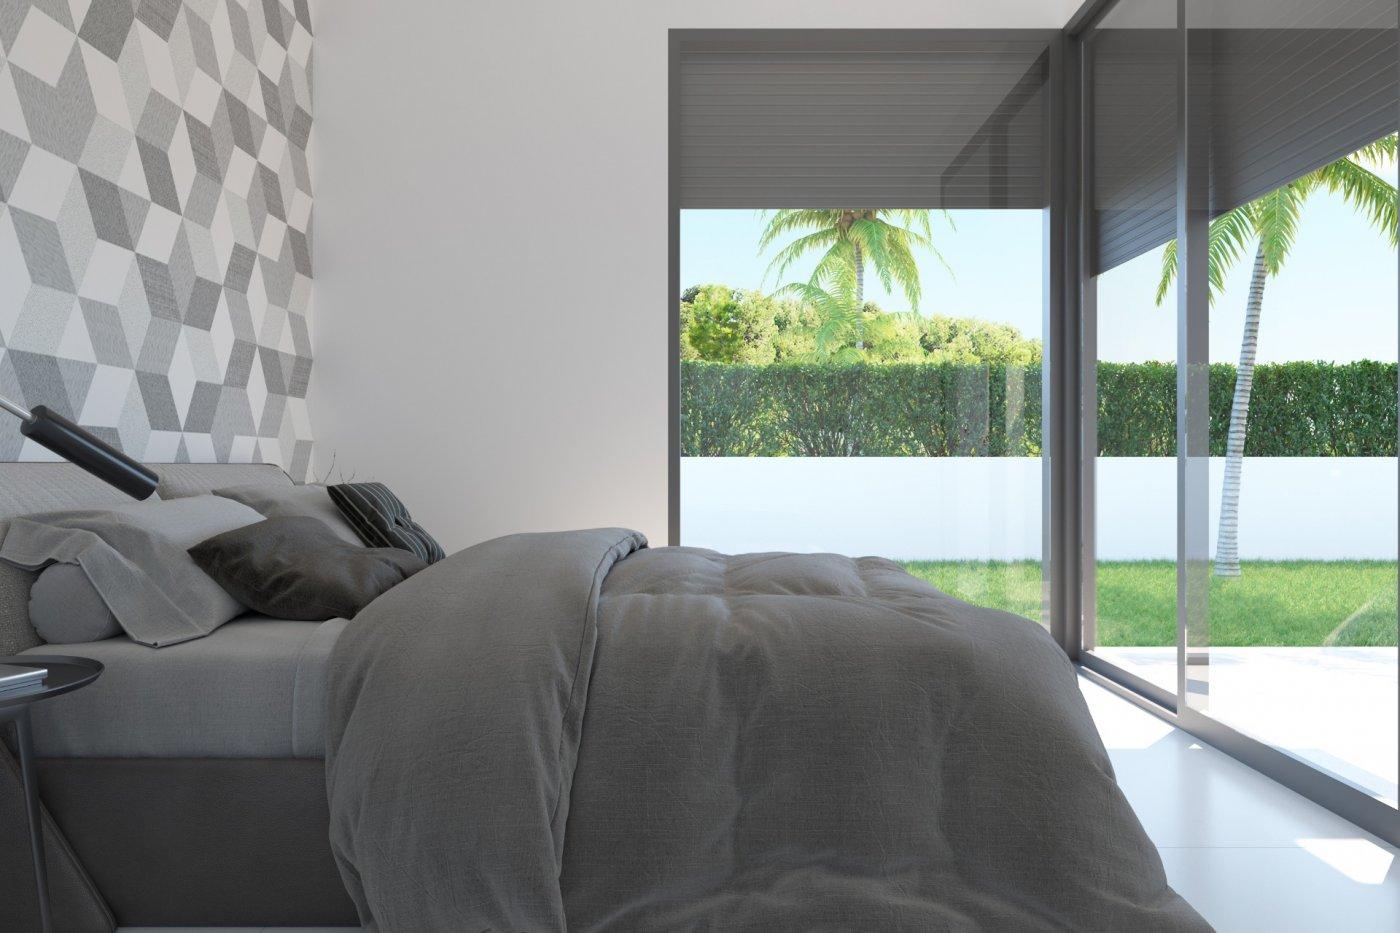 Villas modernas en sierra cortina (finestrat) a un paso de benidorm - imagenInmueble8